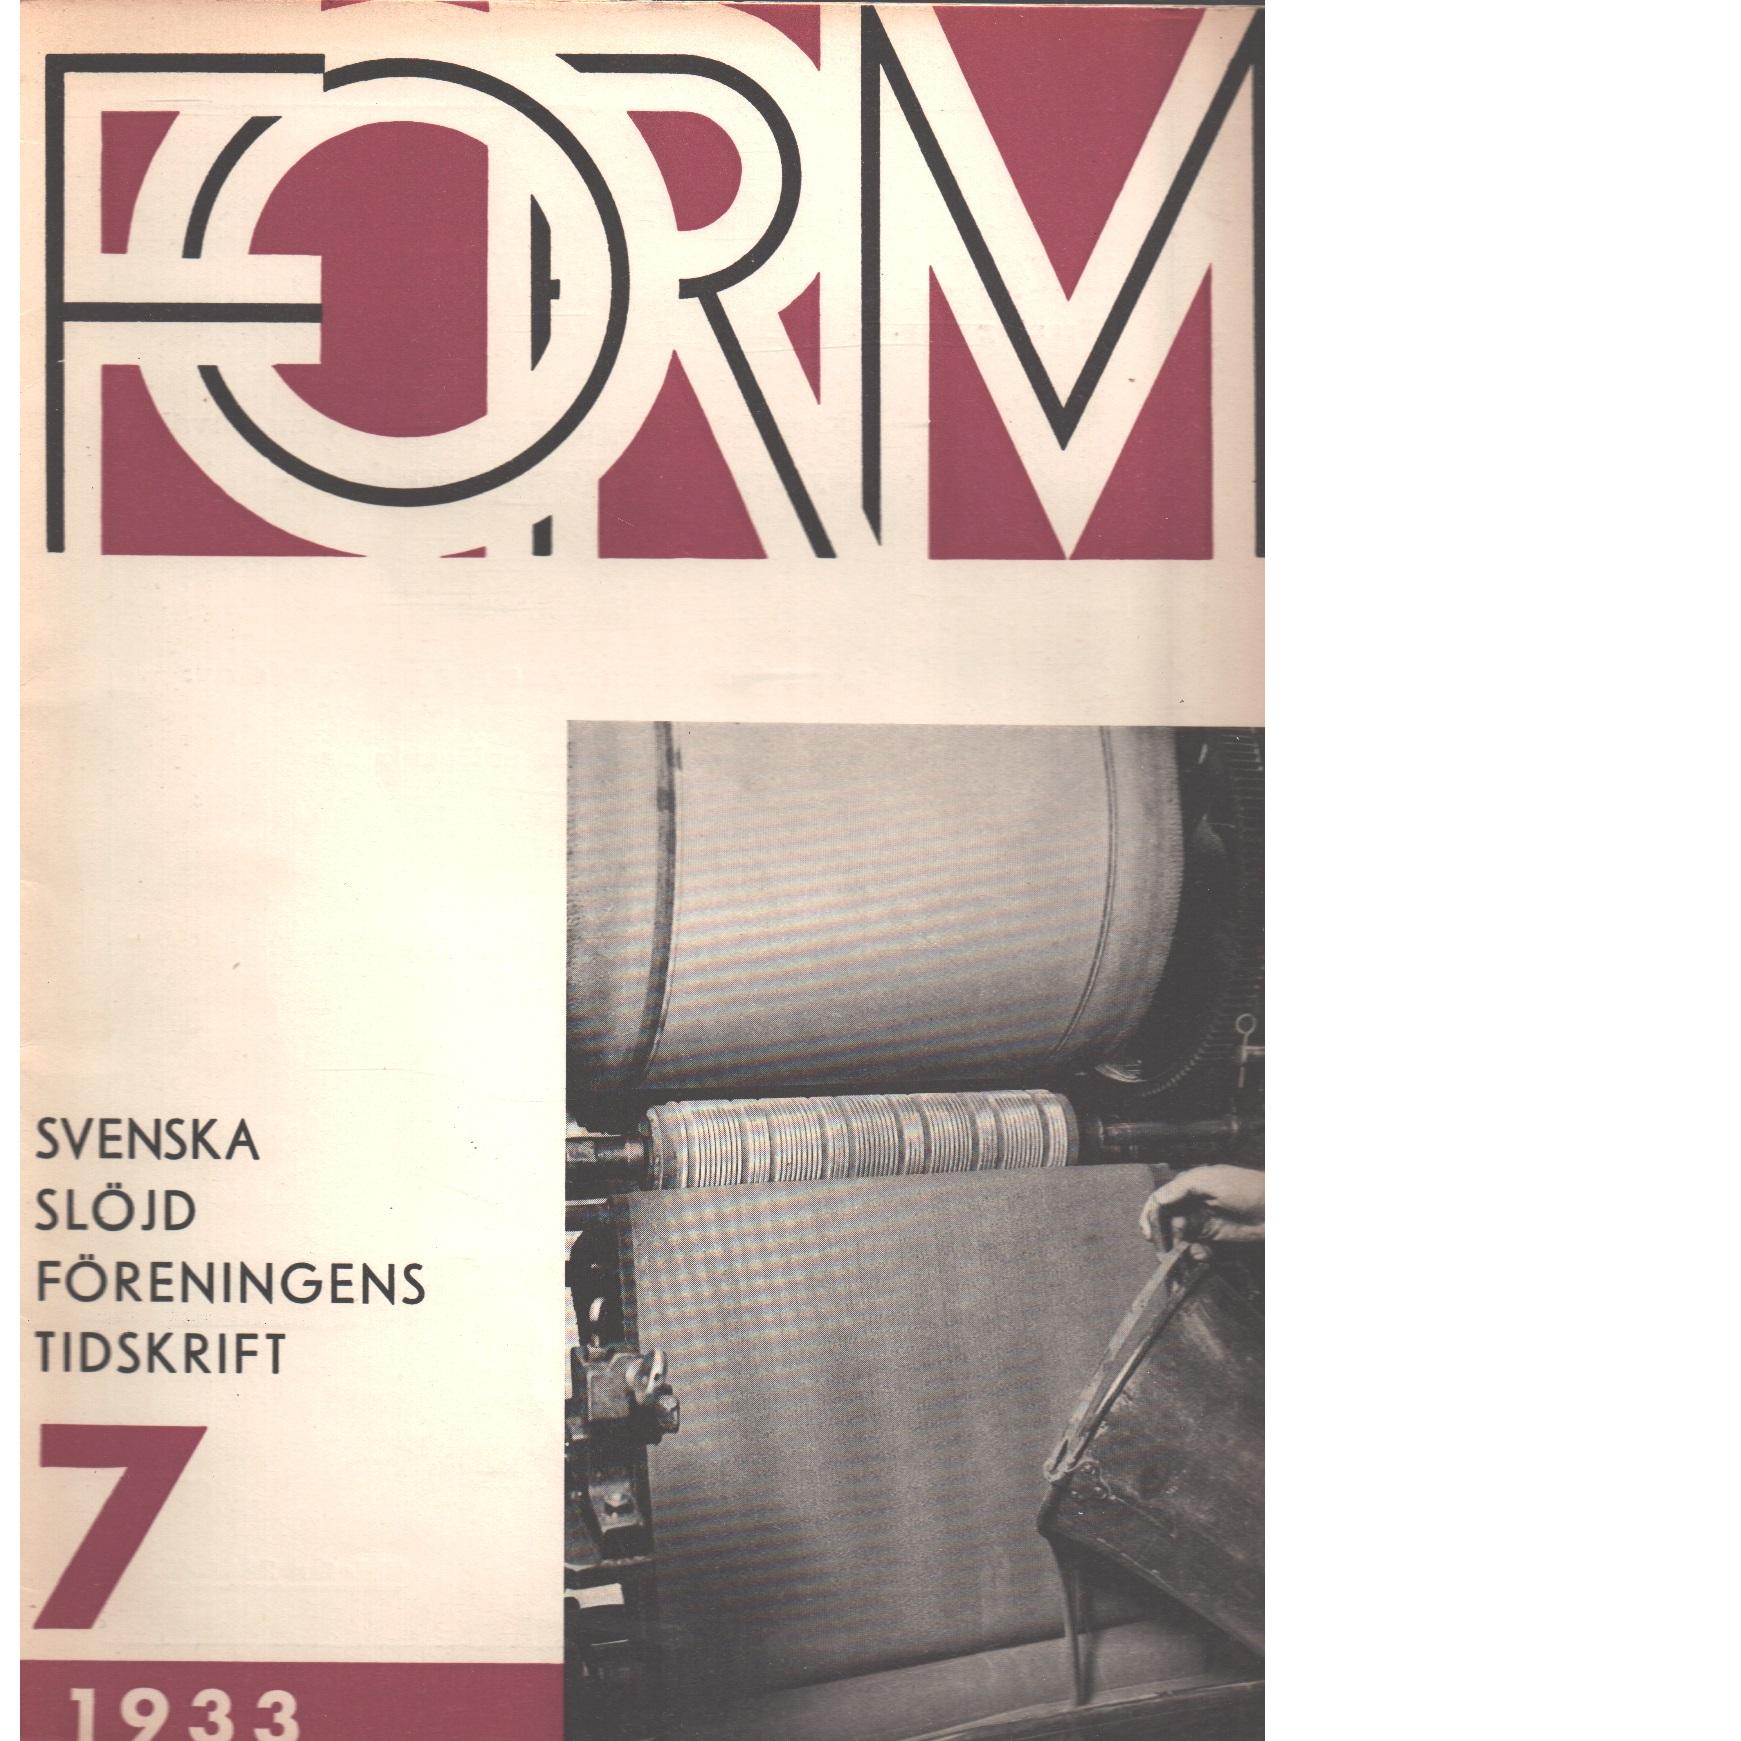 Form : Svenska slöjdföreningens tidskrift Nr 7 1933 - Red.